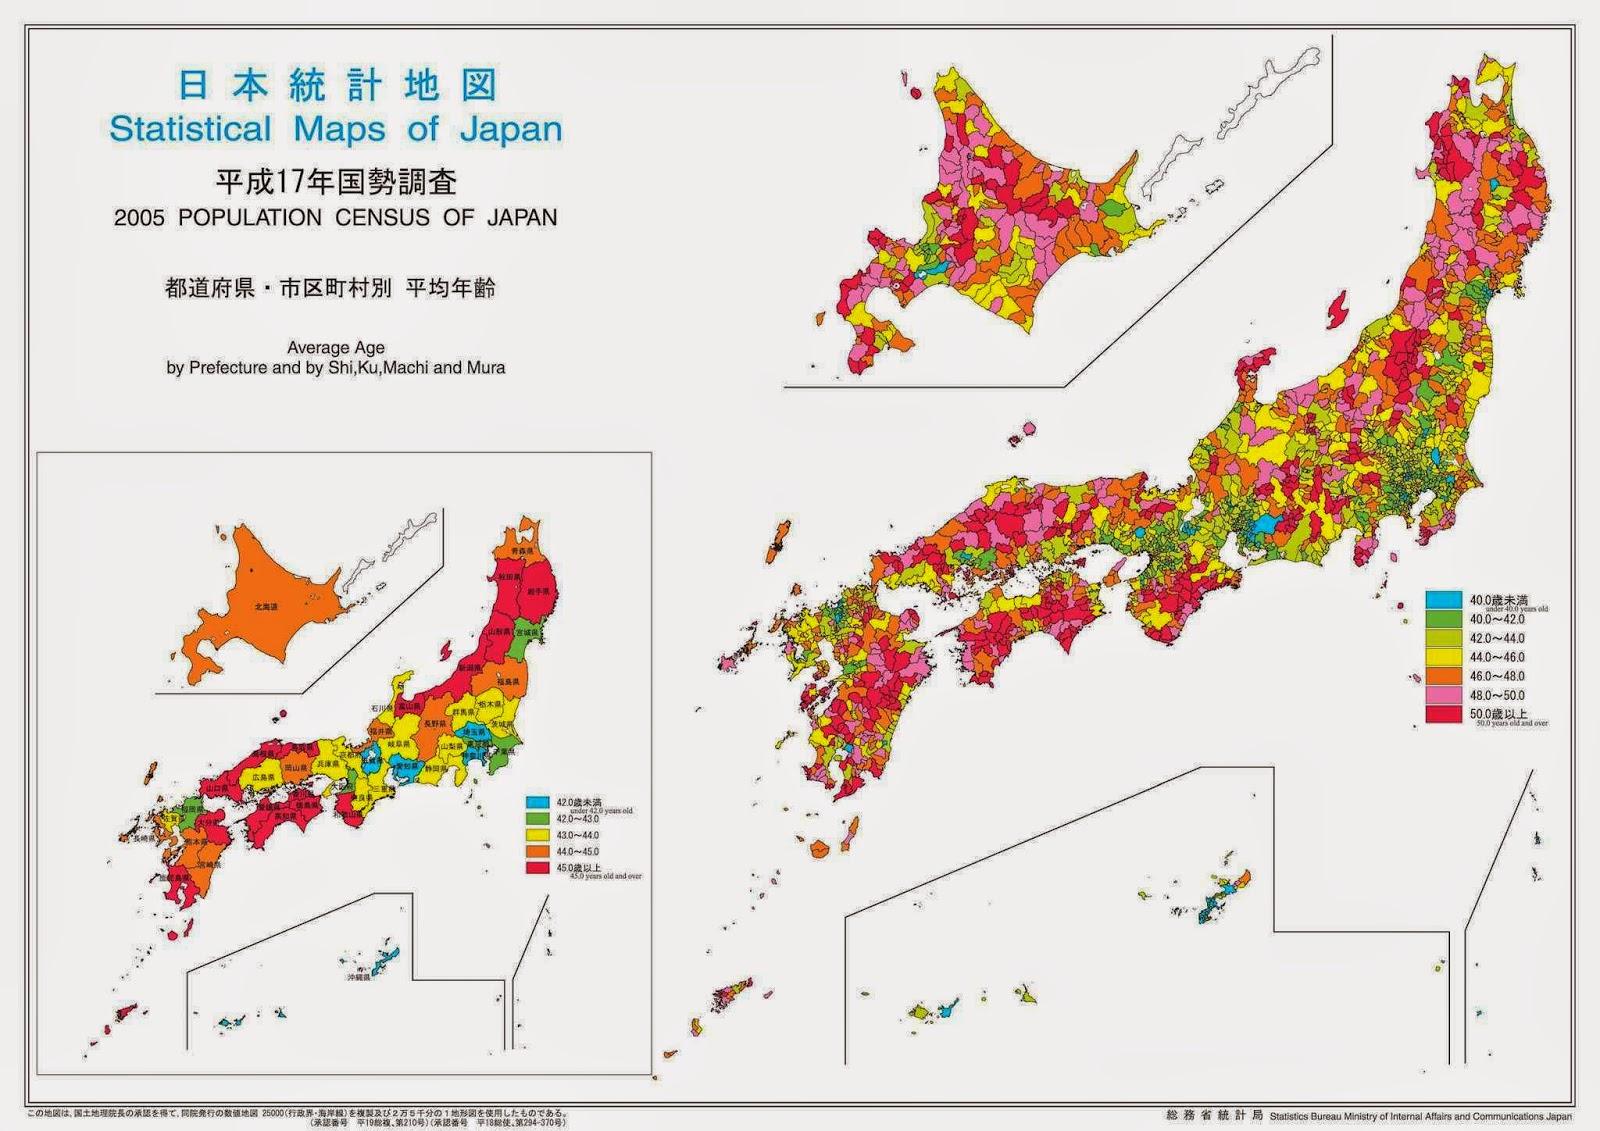 Censo 2005 do Japão: as cores apontam a idade média e o envelhecimento do país.